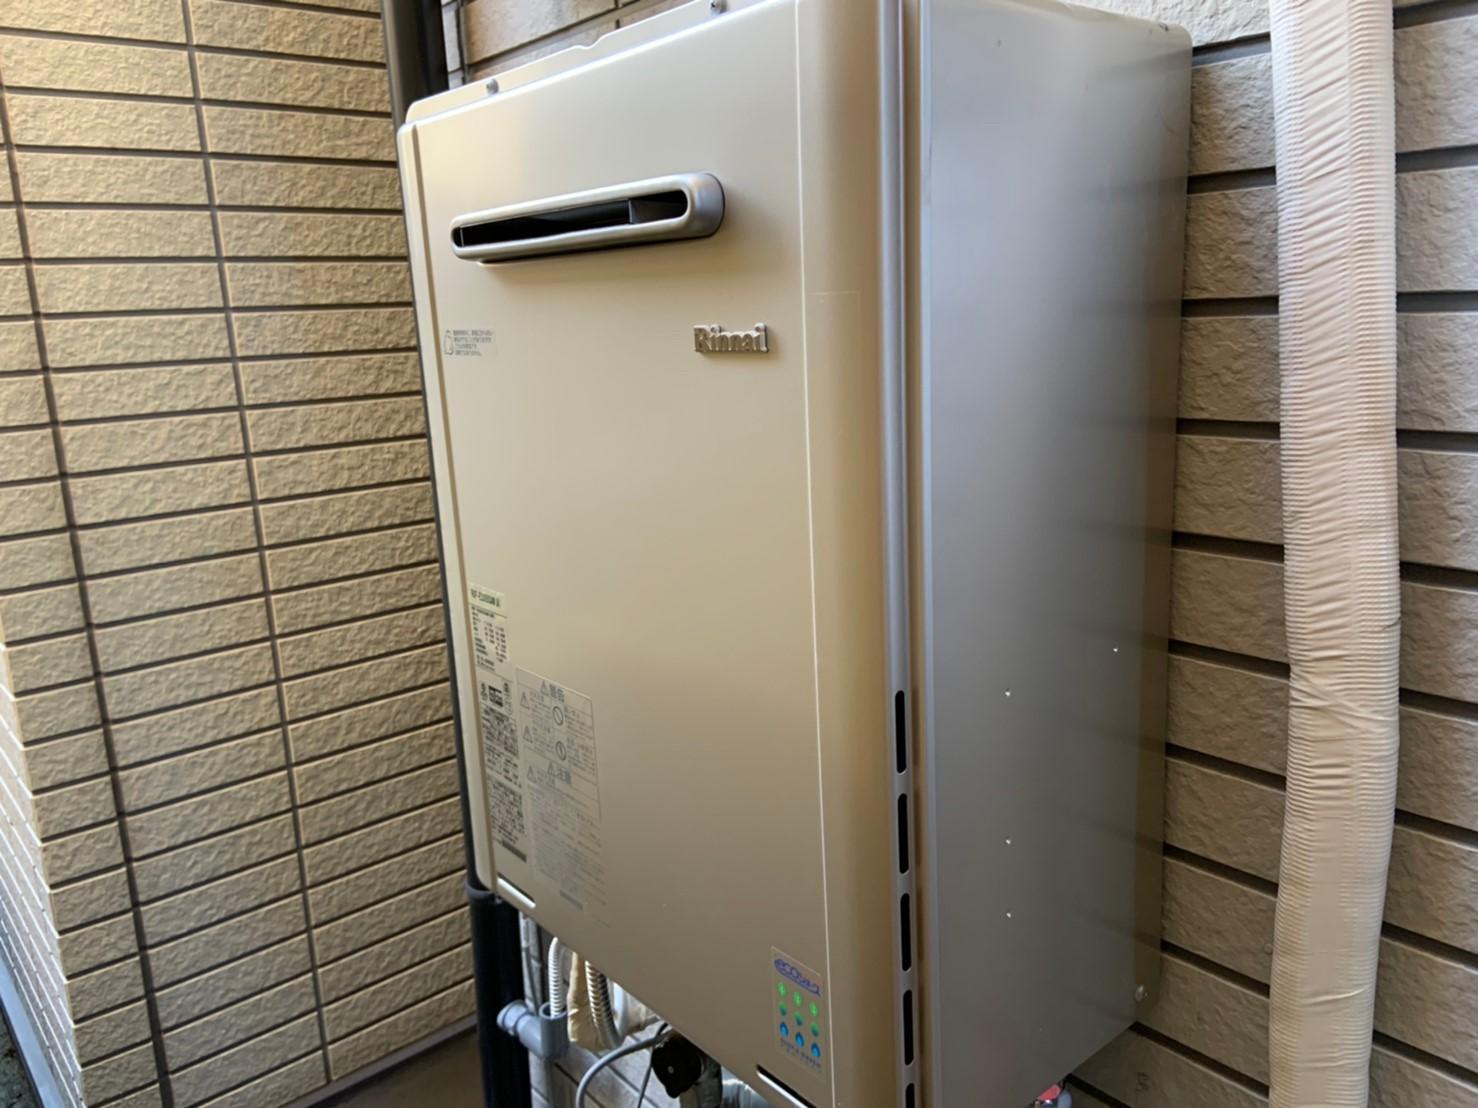 従来型ガス給湯器からエコジョーズへの交換工事(RUF-E2005SAW)【京都市上京区】